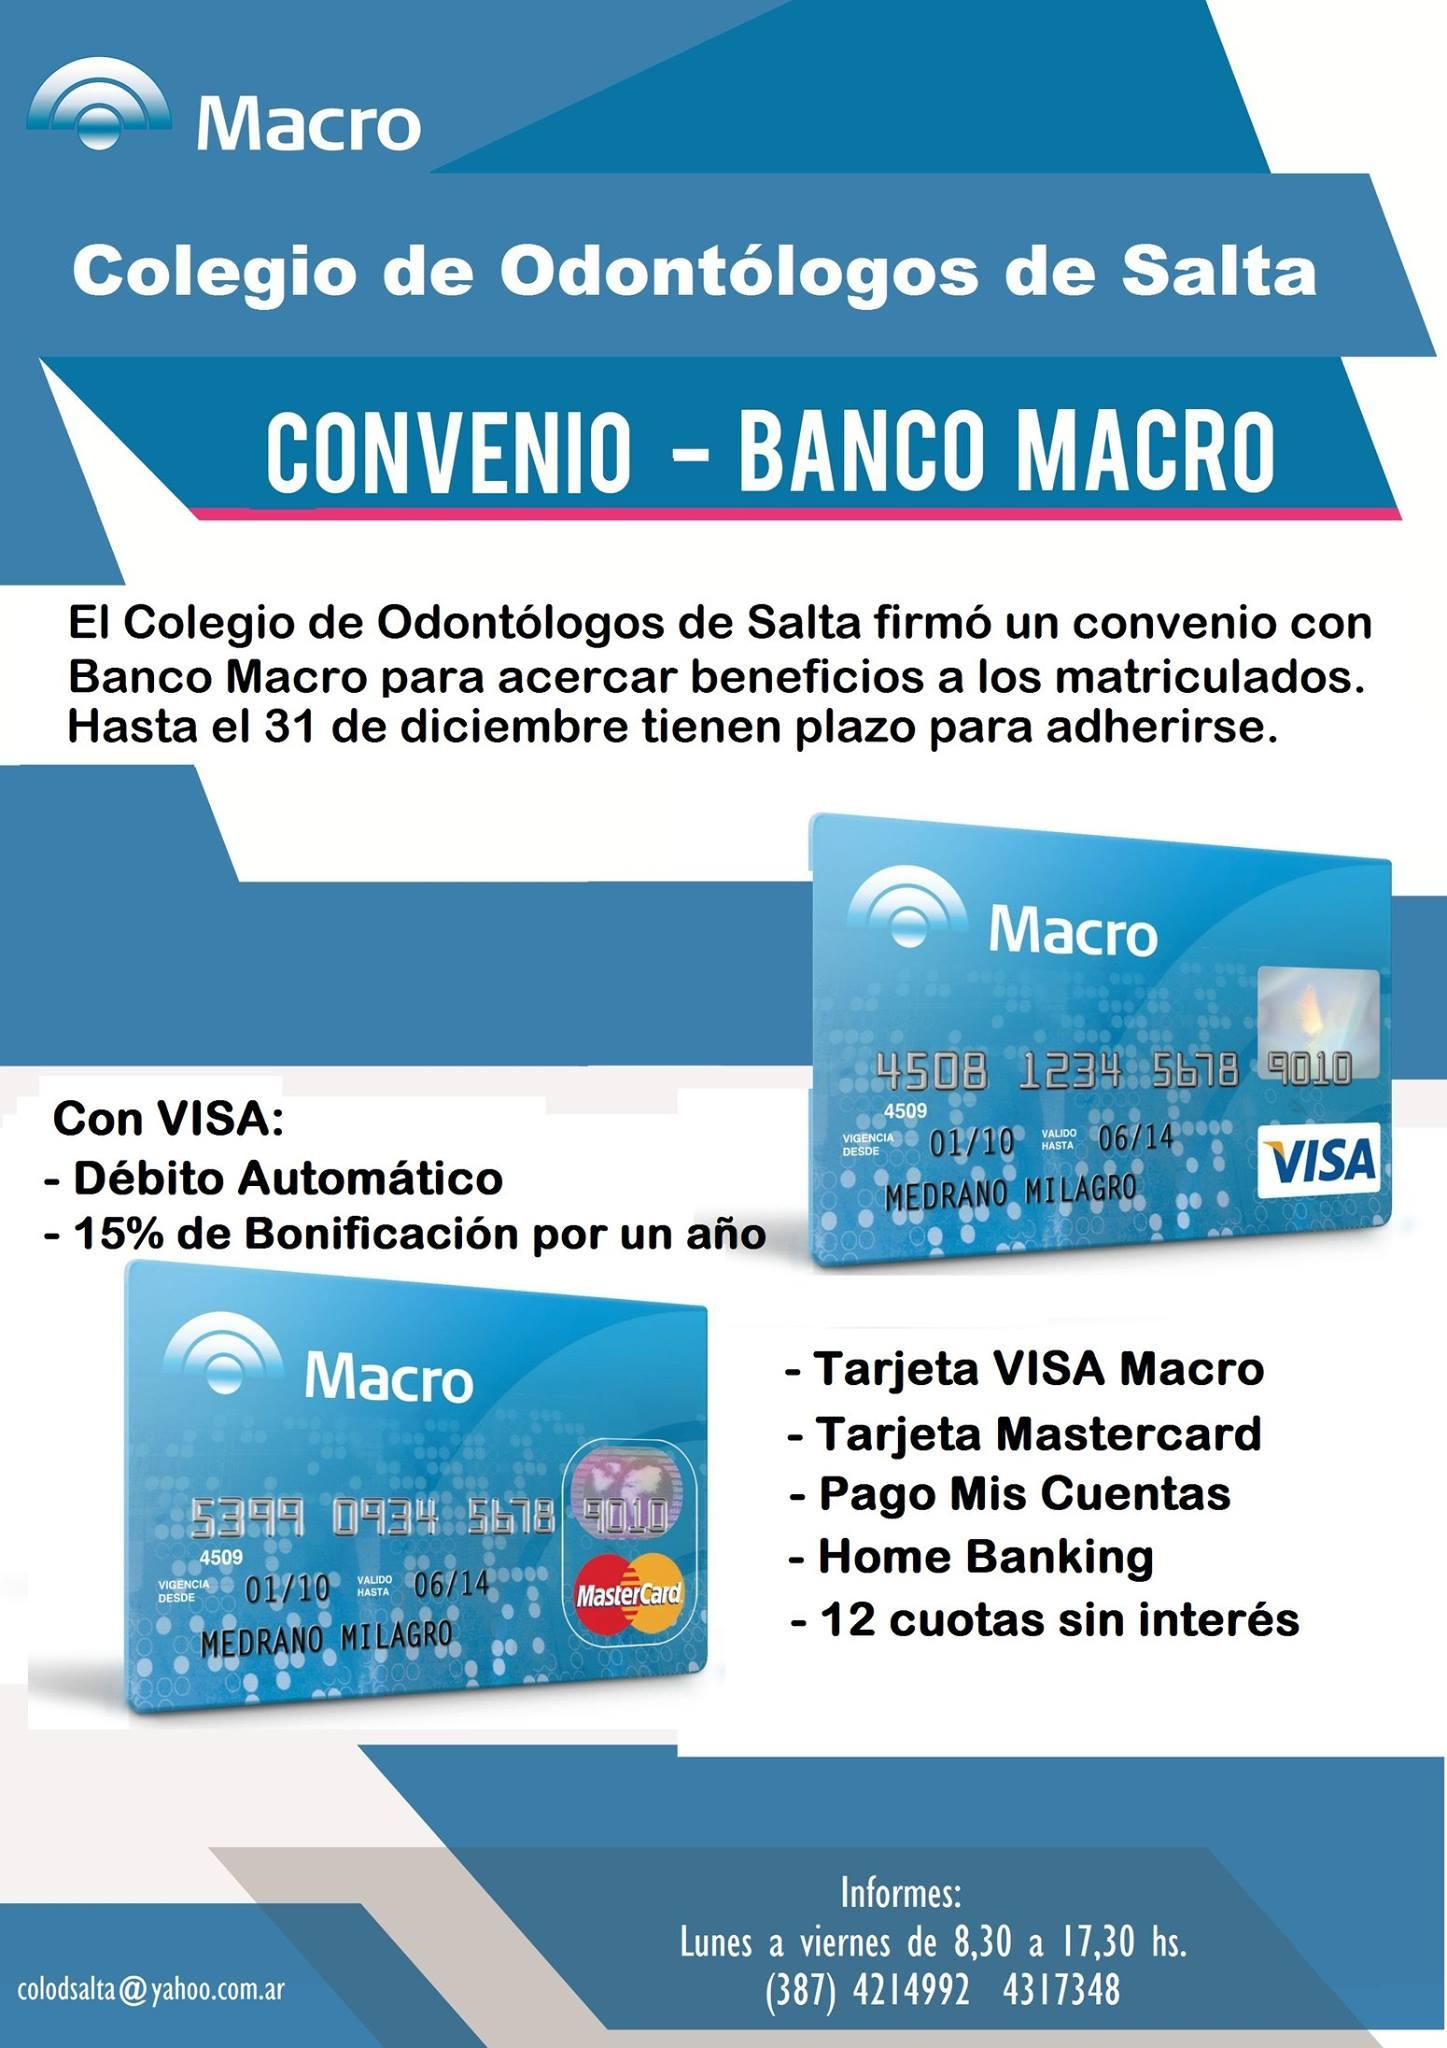 Convenio Banco Macro